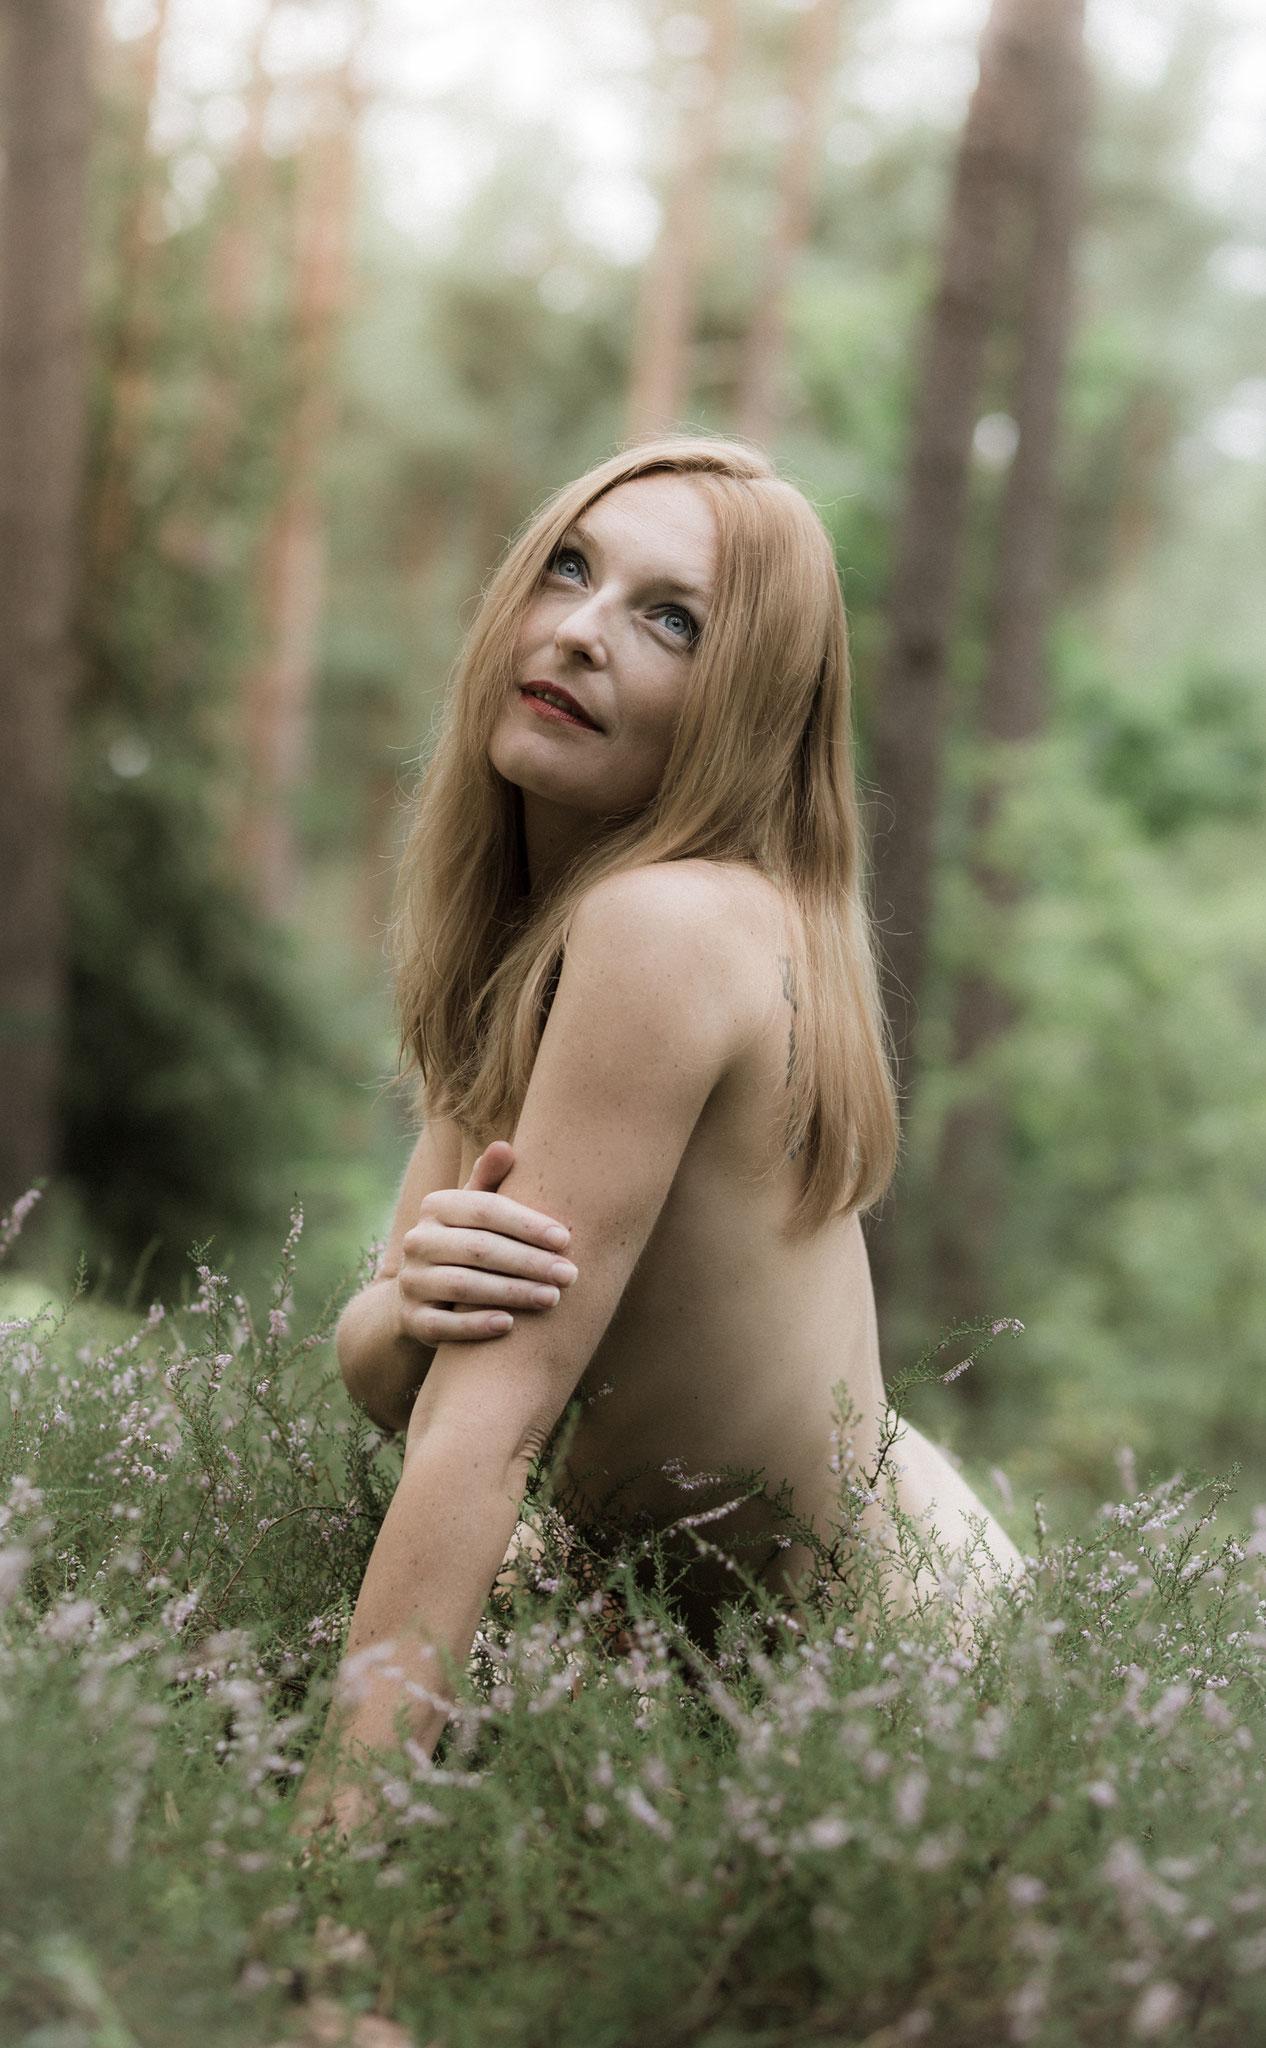 Künstlerische Aktfotografie von Fotograf für Akt und Unterwäschefotos - erotische Fotos Fürth